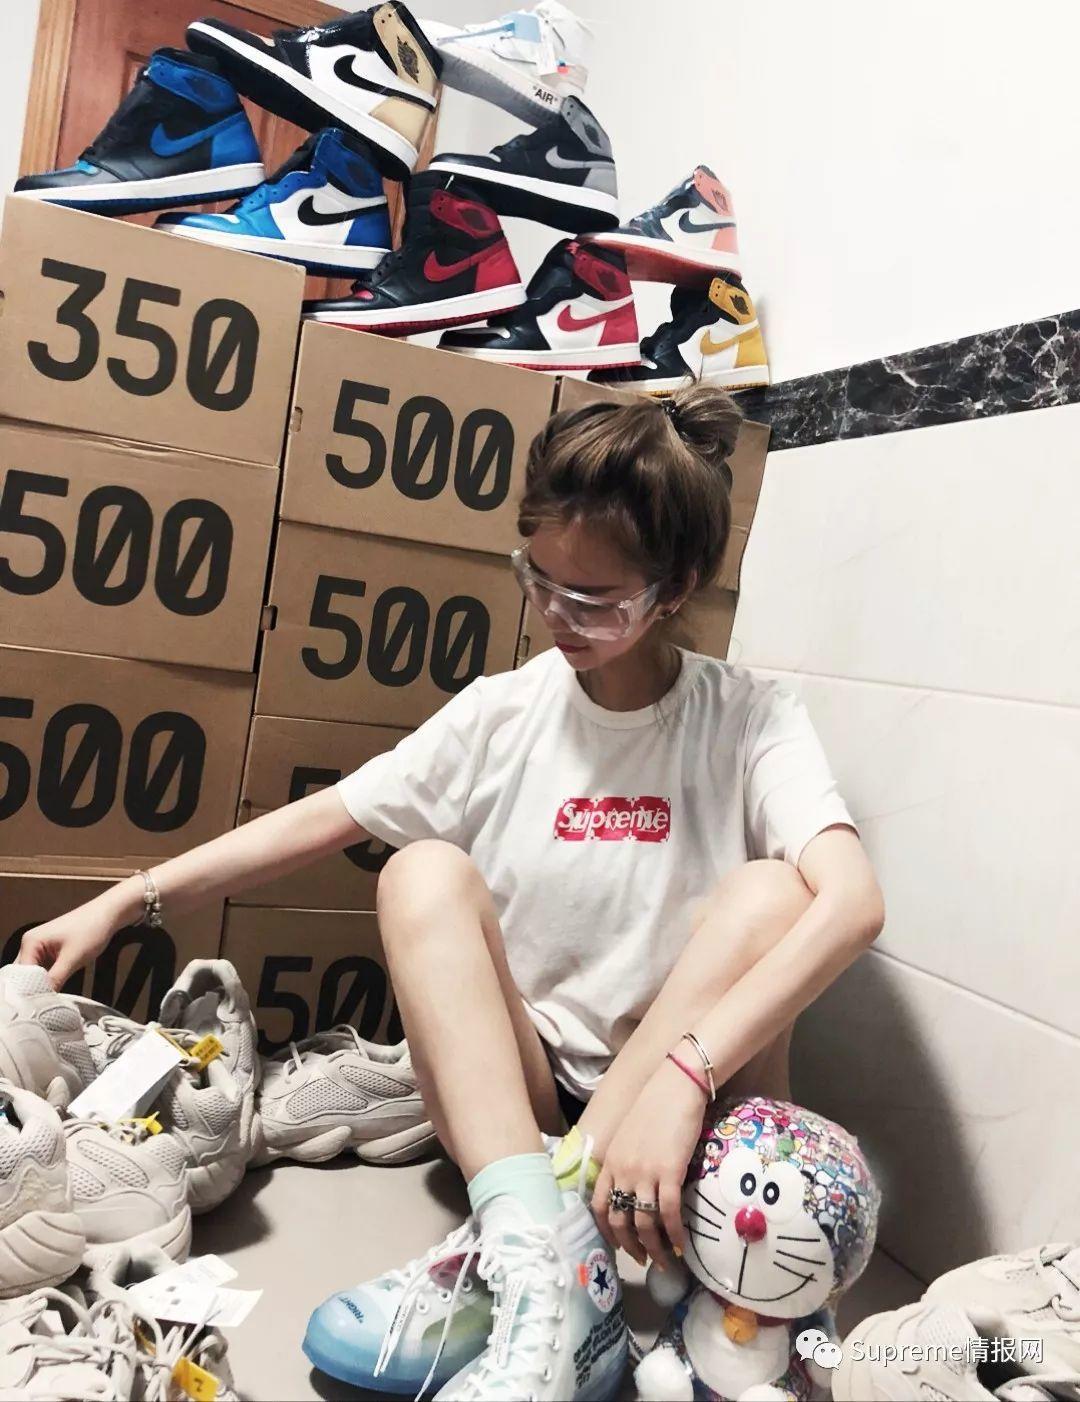 你一个女生,20多万的球鞋买来干嘛??